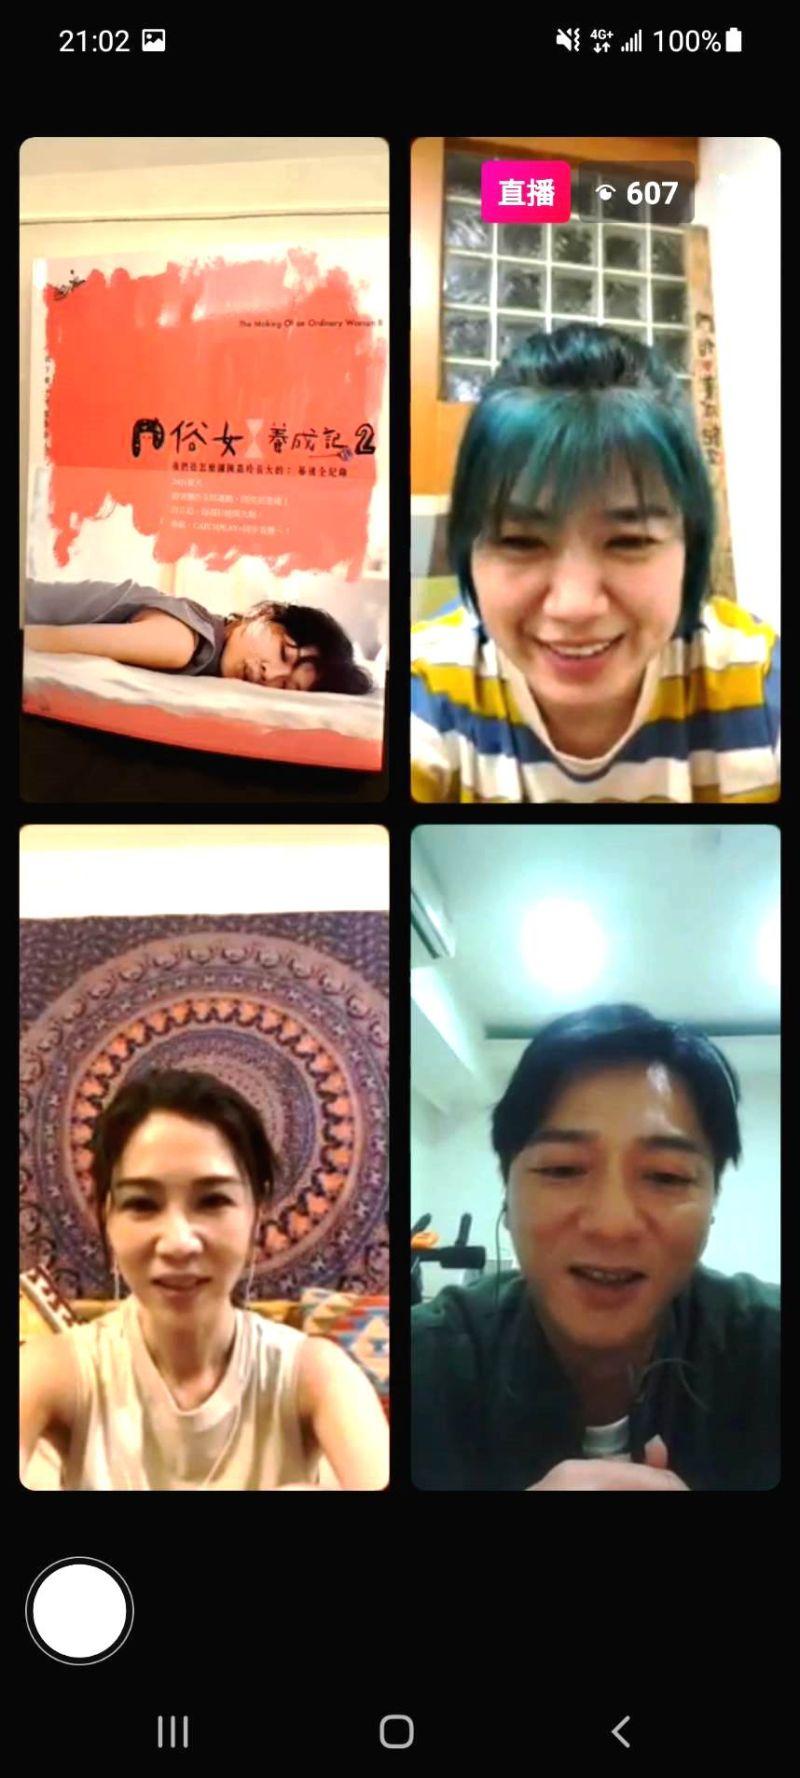 ▲嚴藝文(上右)、謝盈萱(下左)、藍葦華(下右)談《俗女養成記2》劇情發展。(圖/CATCHPLAY+提供)